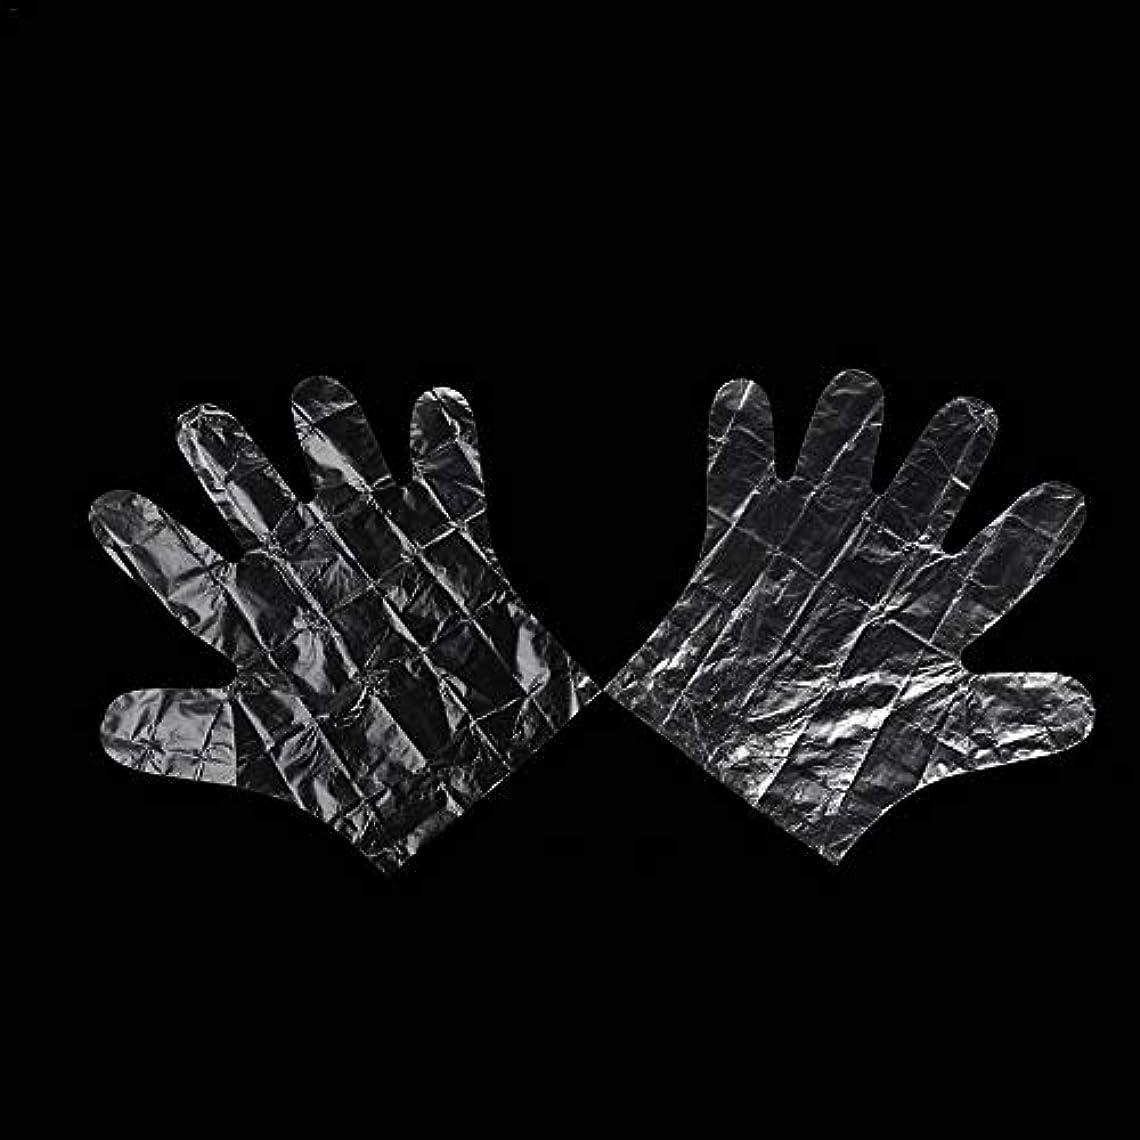 裸良さシャーロットブロンテcolmall 使い捨て手袋 子供用 極薄ビニール手袋 ポリエチレン 透明 実用 衛生 100枚/200m枚セット 左右兼用 on